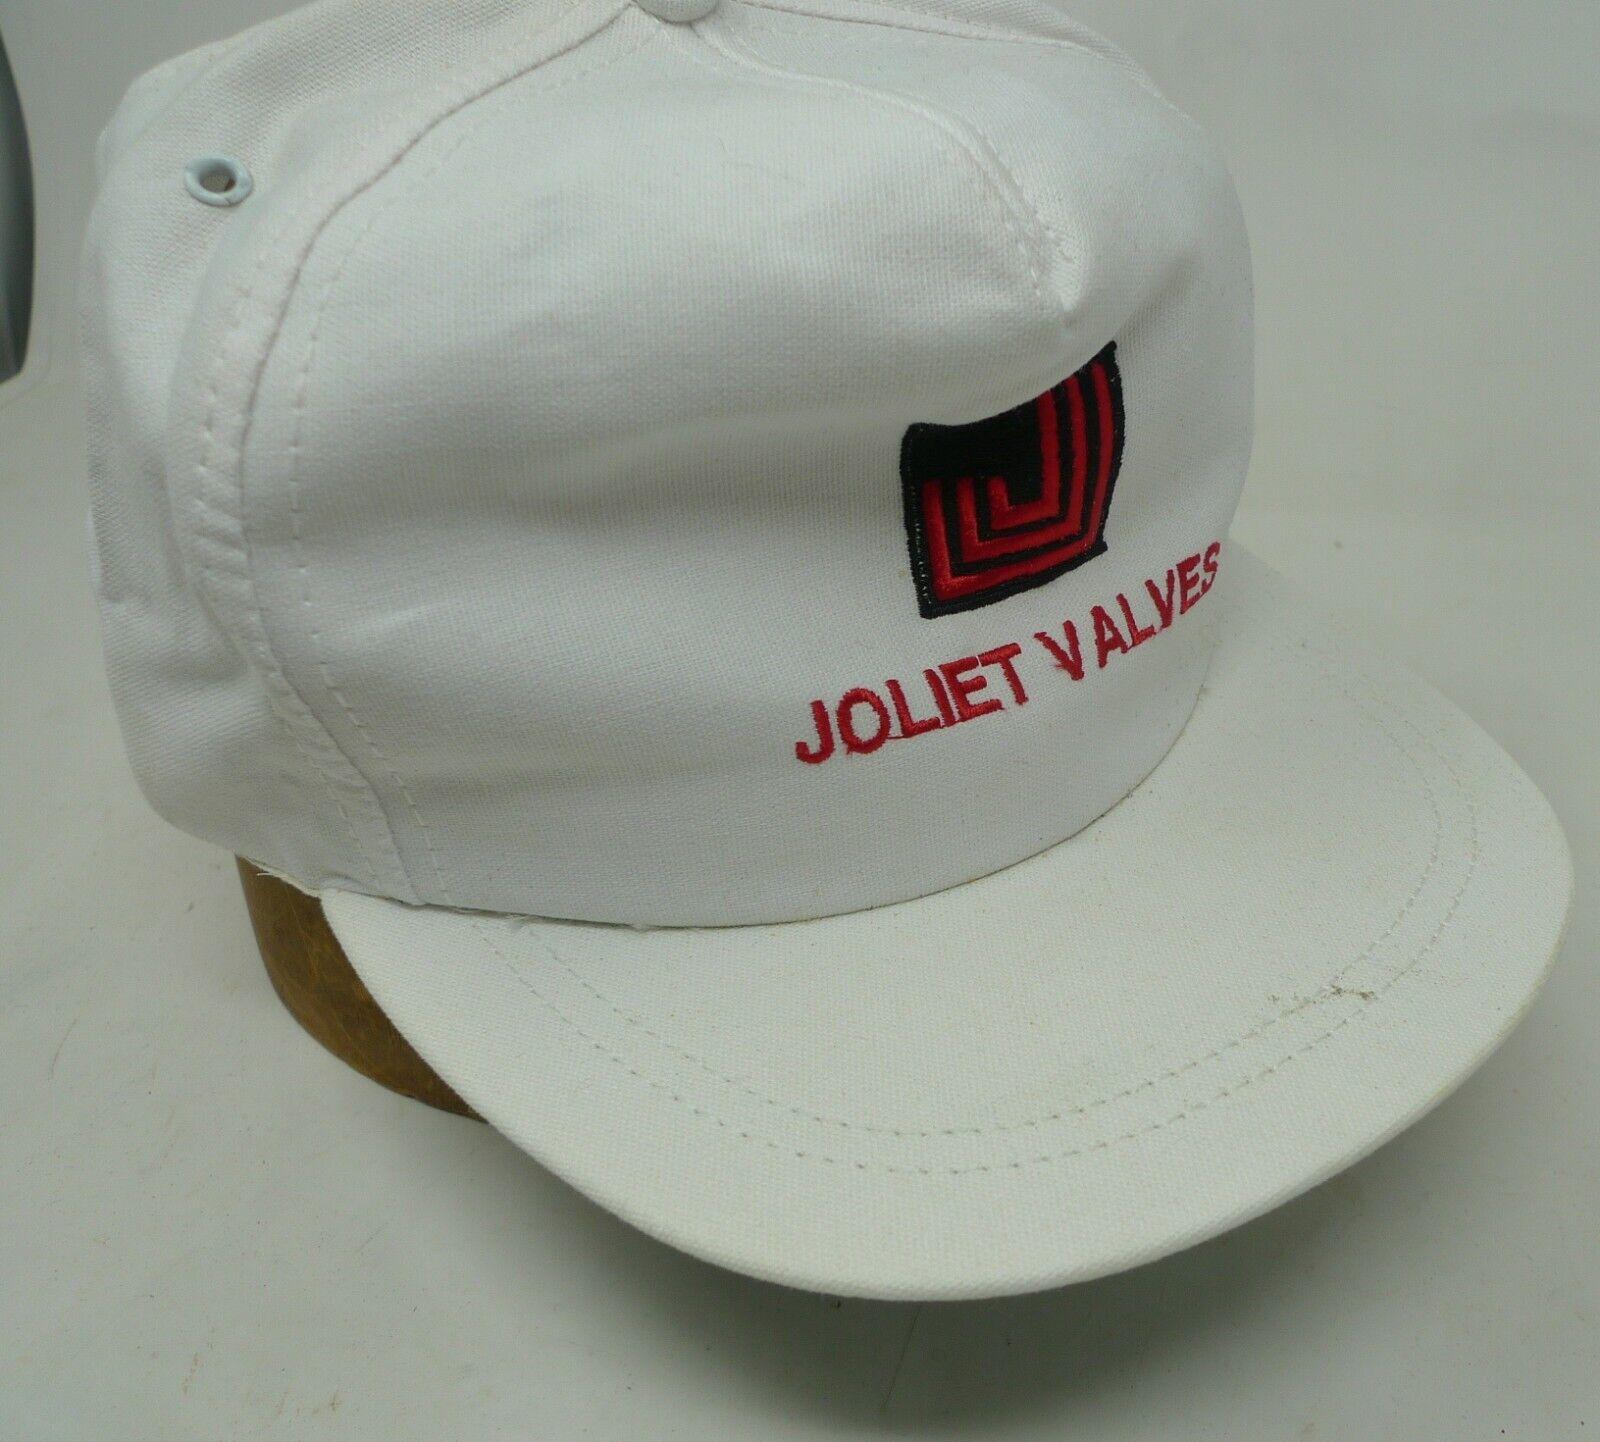 VTG 90's JOLIET VAVLES White Trucker Hat Cap Made in USA Snapback Embroidered